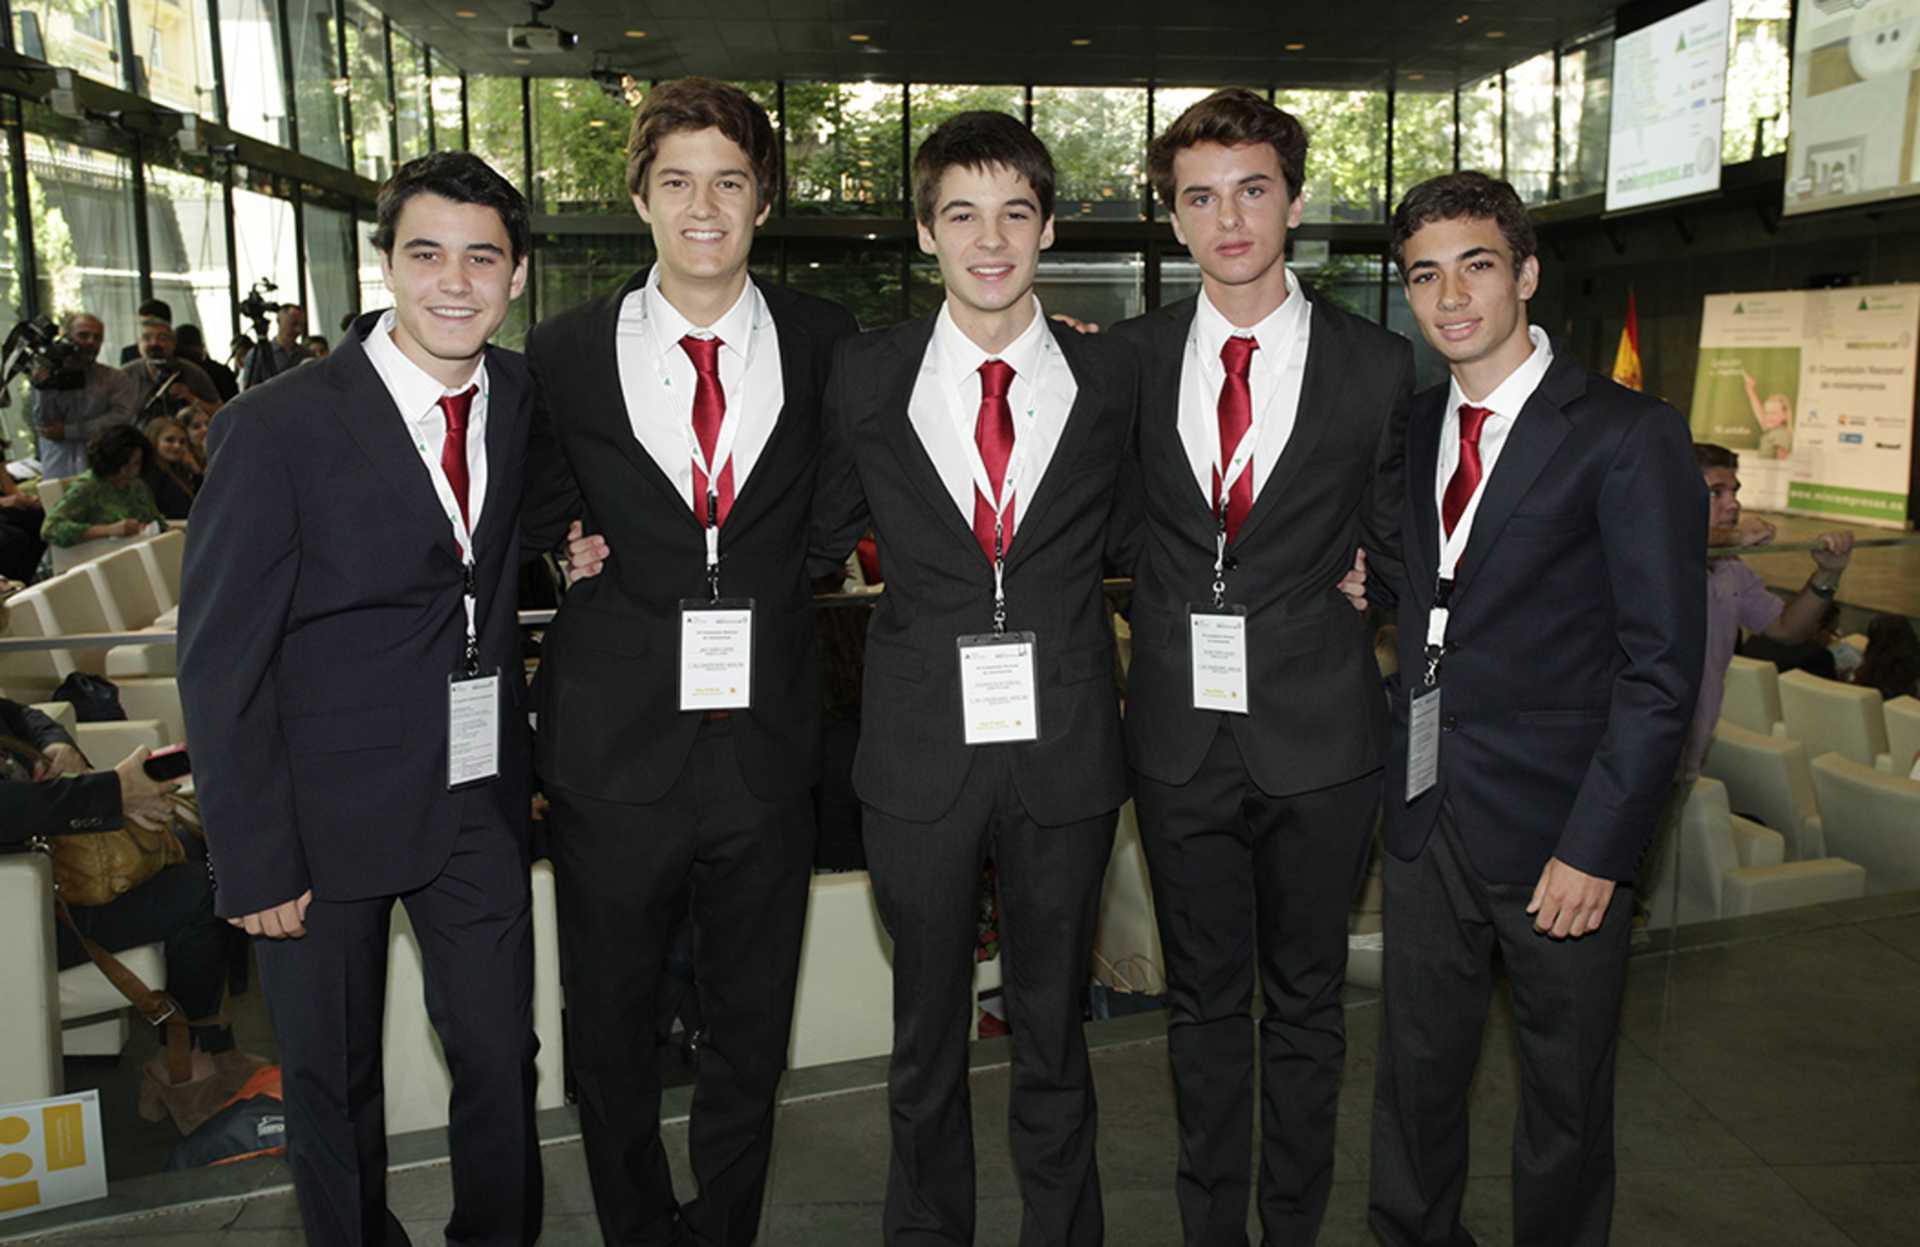 La Fundación Rafael del Pino organiza VII Competición Nacional de Miniempresas el 21 de junio de 2013 en su auditorio en Madrid.